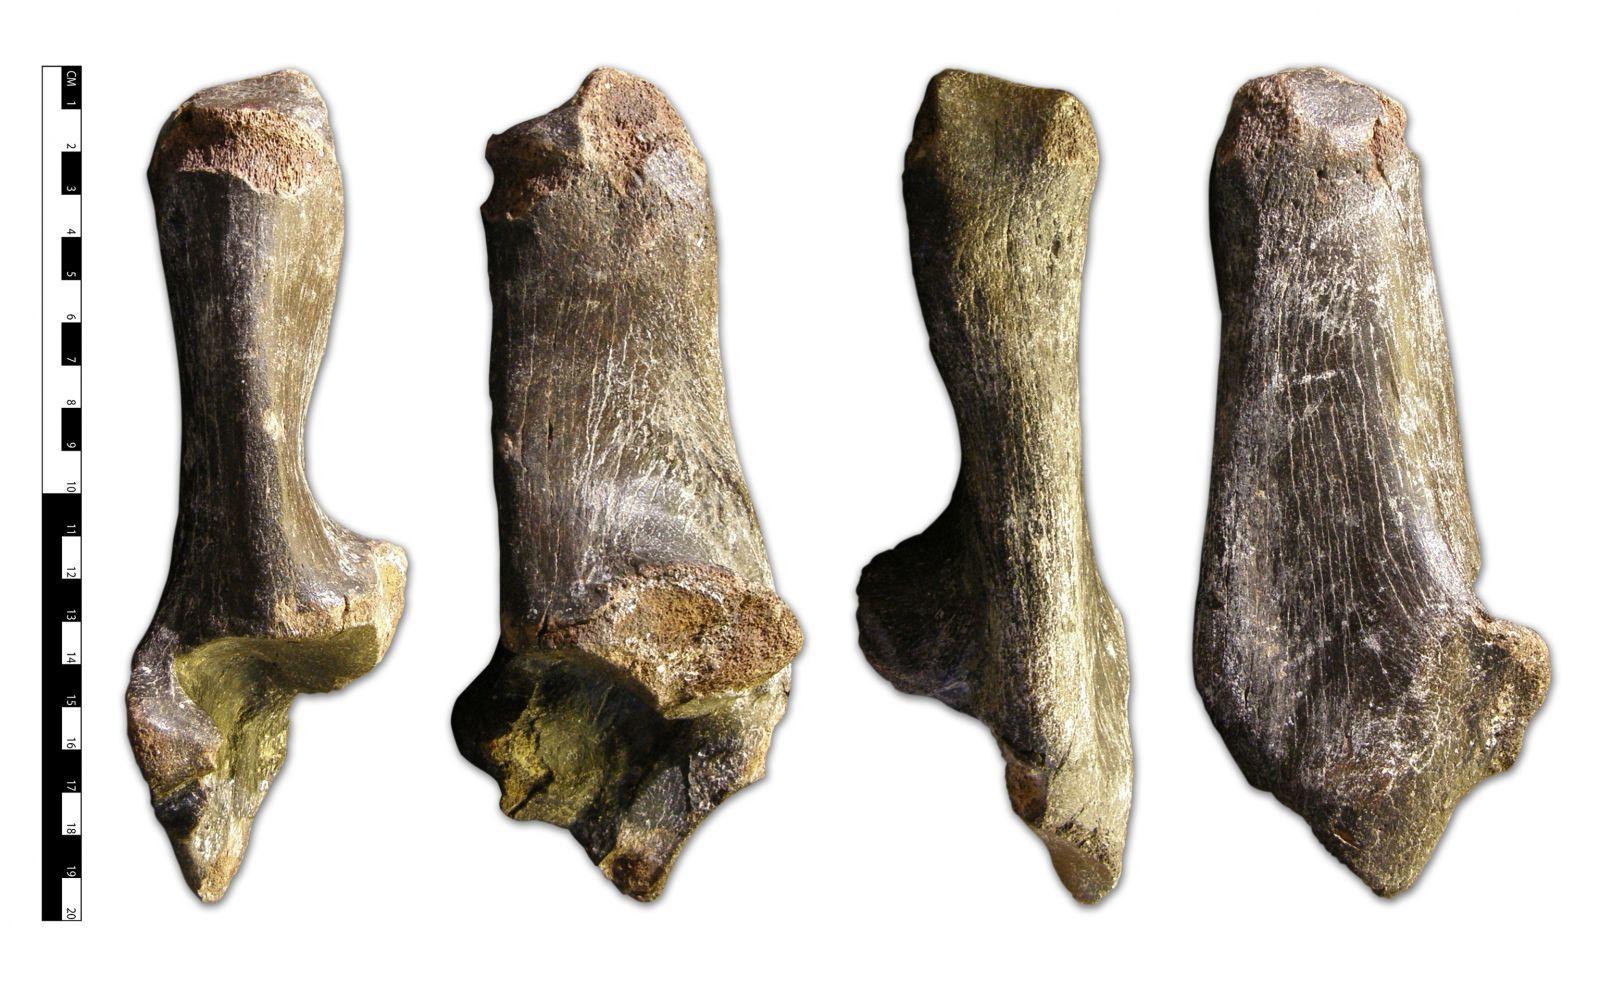 Bison priscus Calcaenum